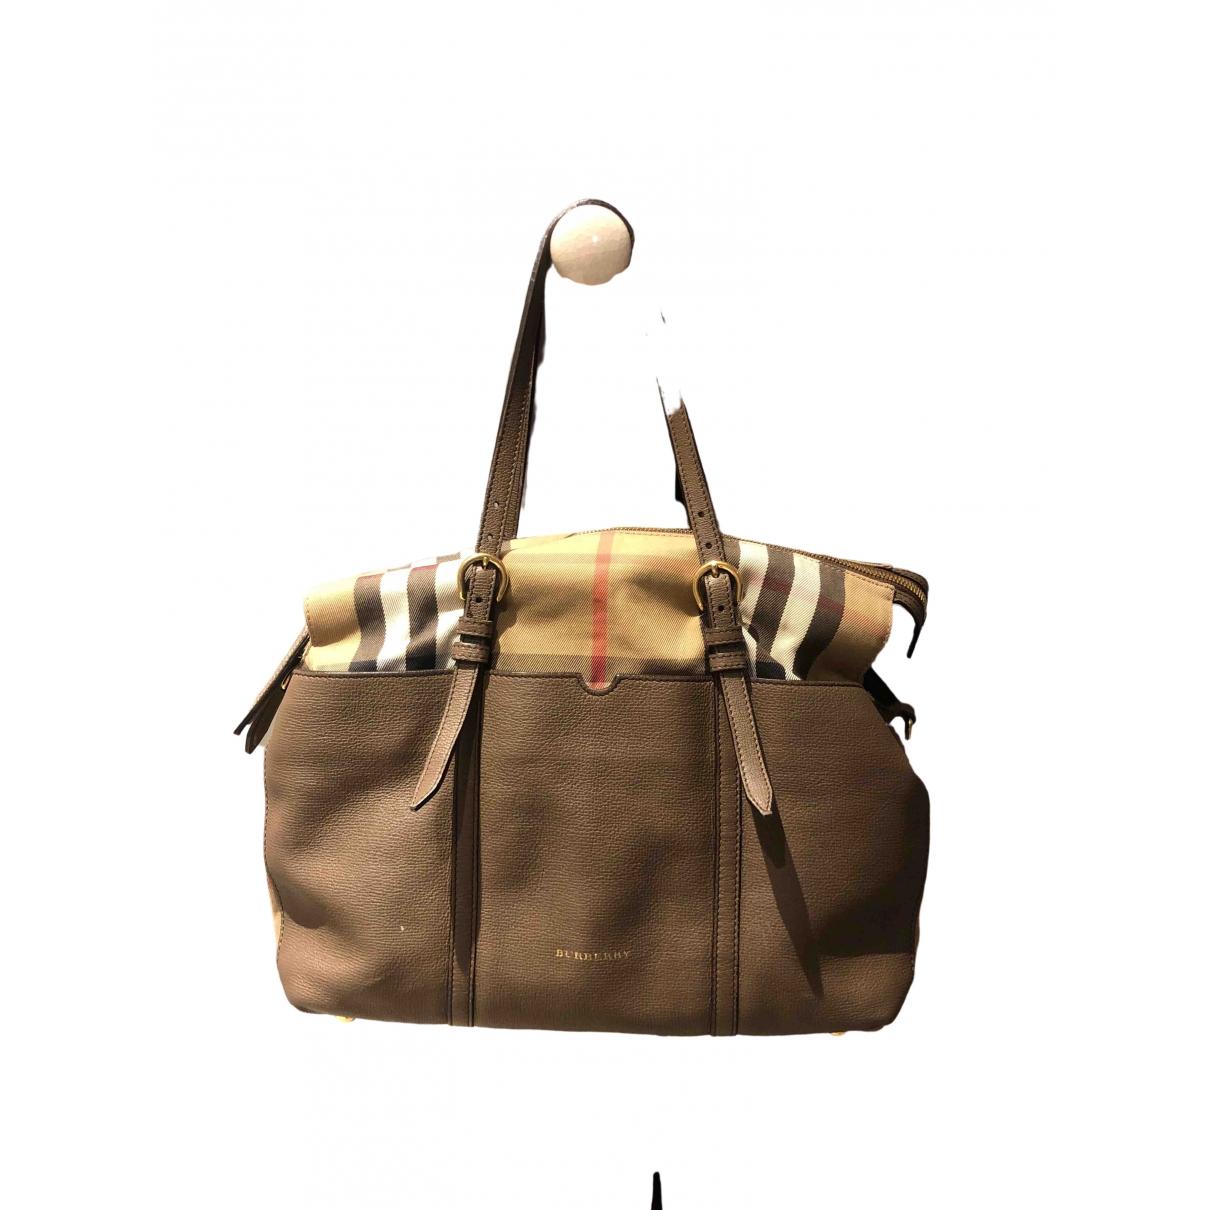 Burberry \N Handtasche in  Beige Leder